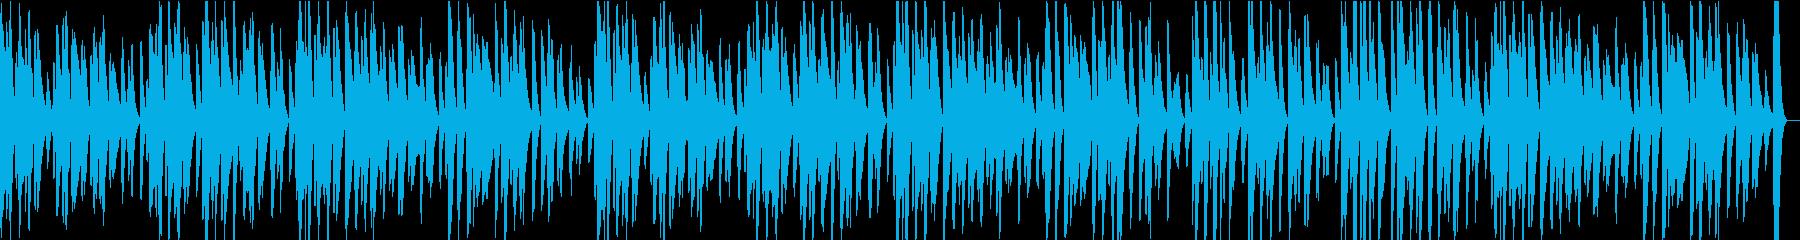 ピアノソロ・軽快・ほのぼの明るいBGMの再生済みの波形